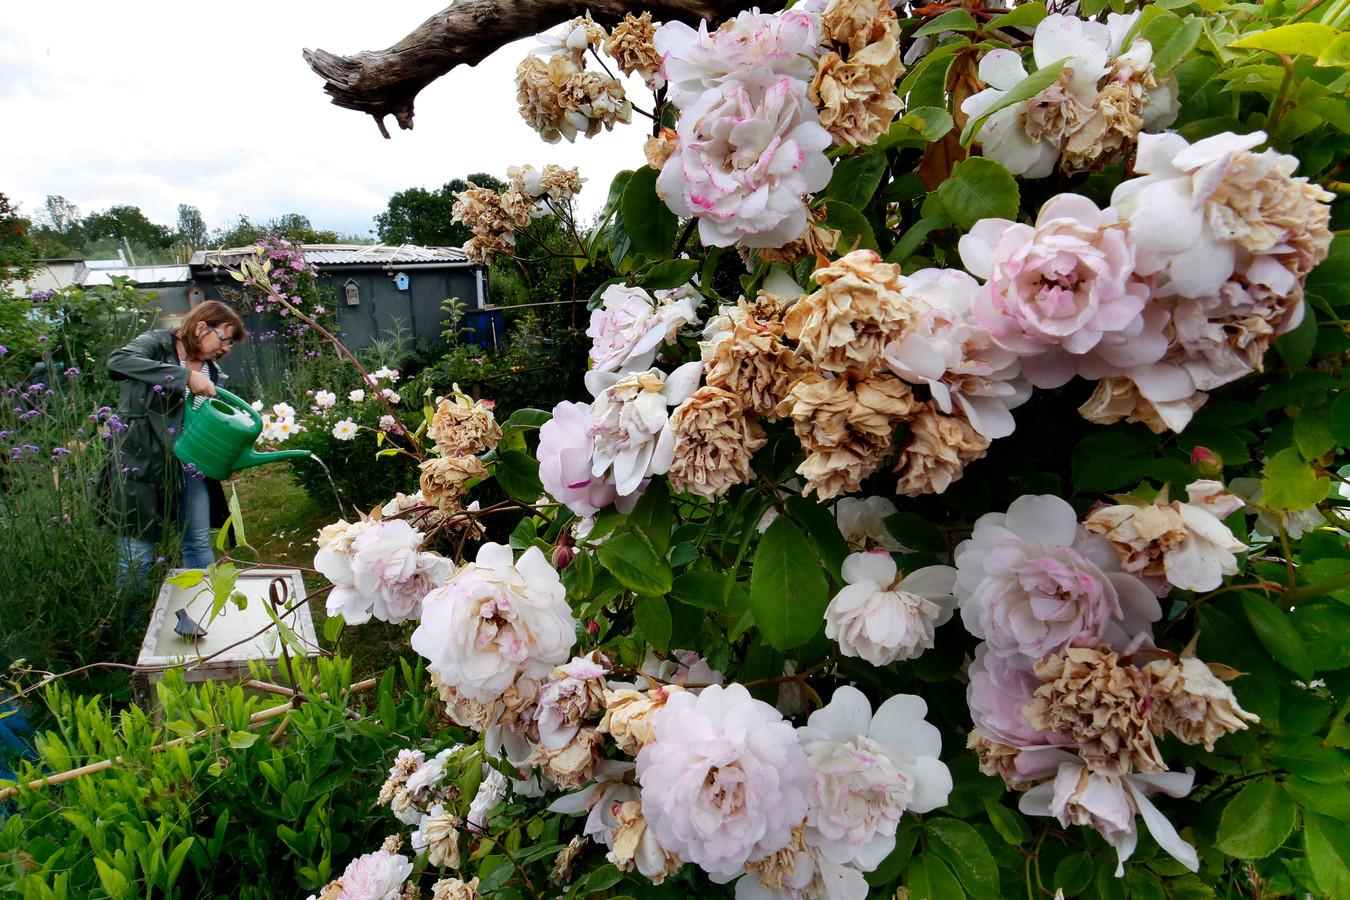 Joke van der Nat geeft haar planten en groenten water met een gieter. Ondanks de goede zorgen hebben sommige rozen het zwaar door de droogte.